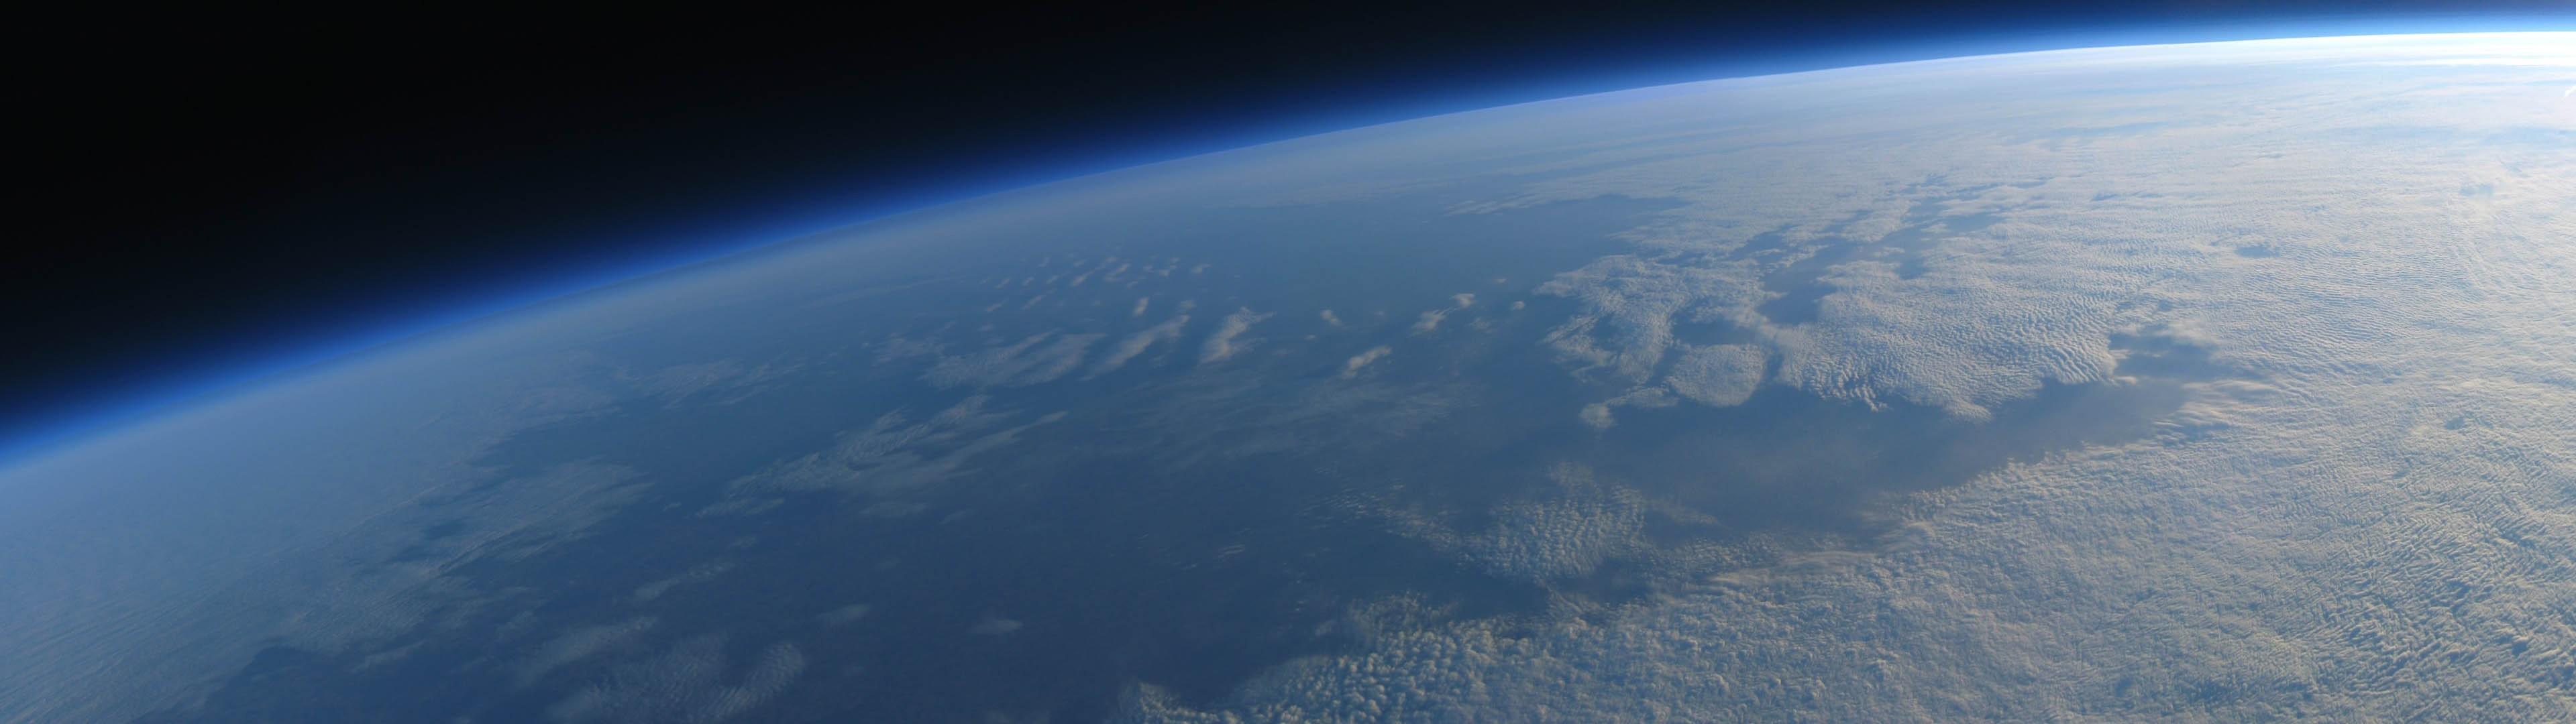 General 3840x1080 multiple display space space Earth clouds atmosphere CGI digital art space art fisheye lens